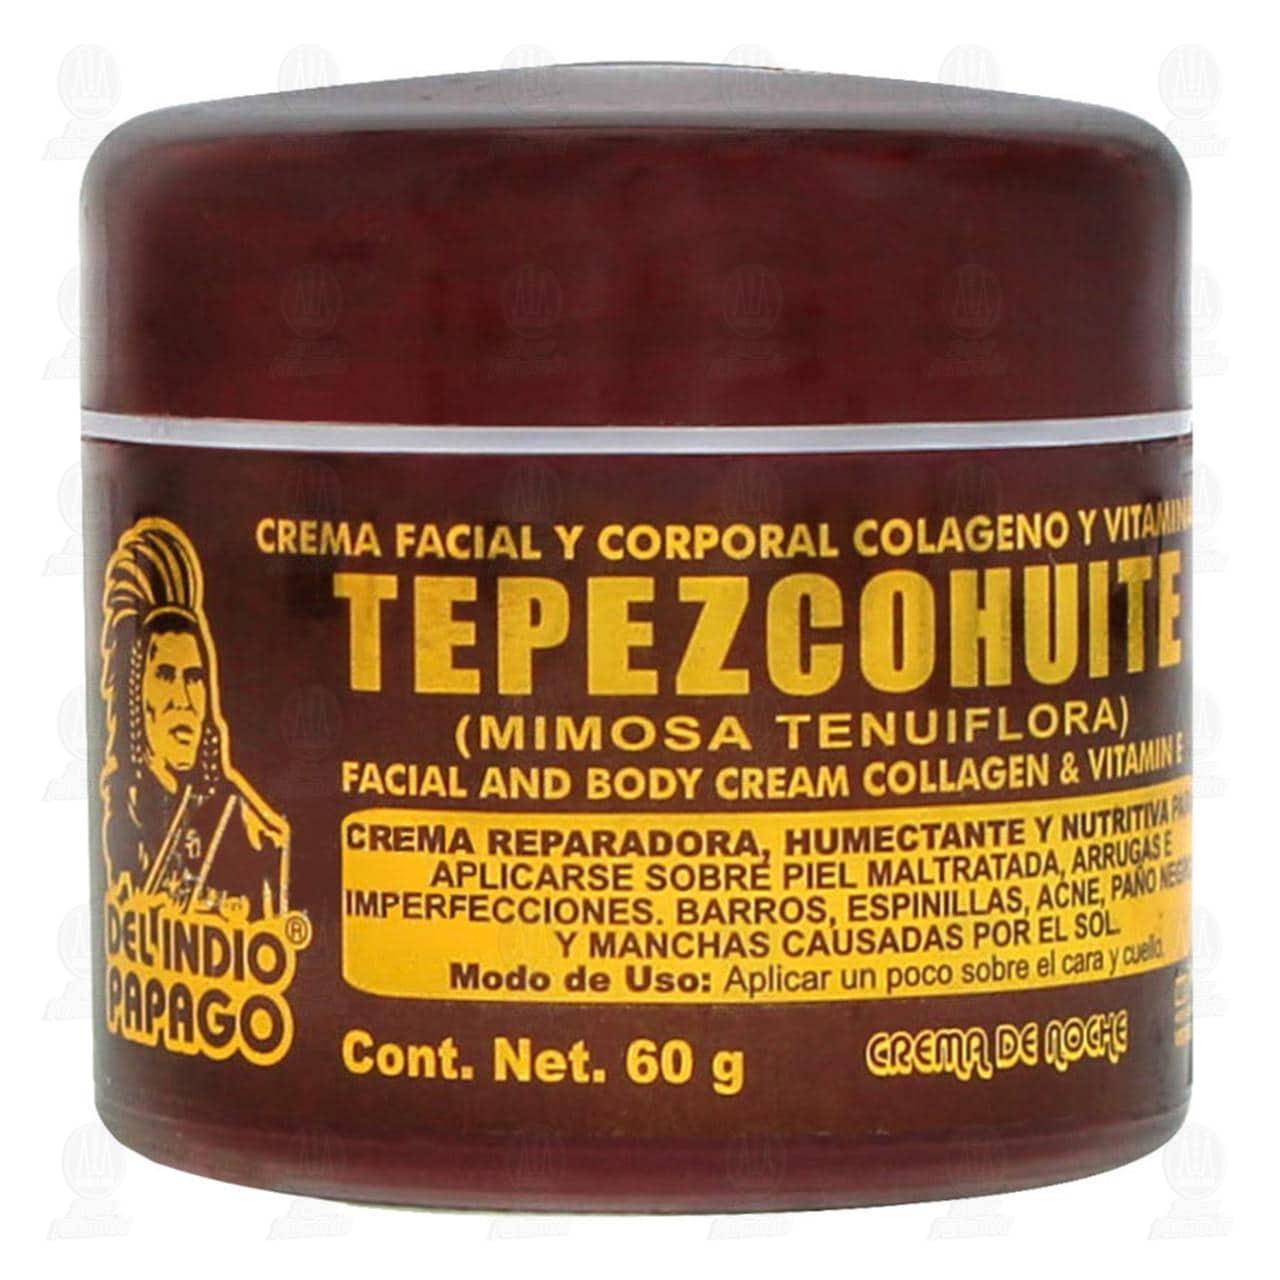 Comprar Crema Corporal del Indio Papago de Tepezcohuite para la Noche, 60 gr. en Farmacias Guadalajara